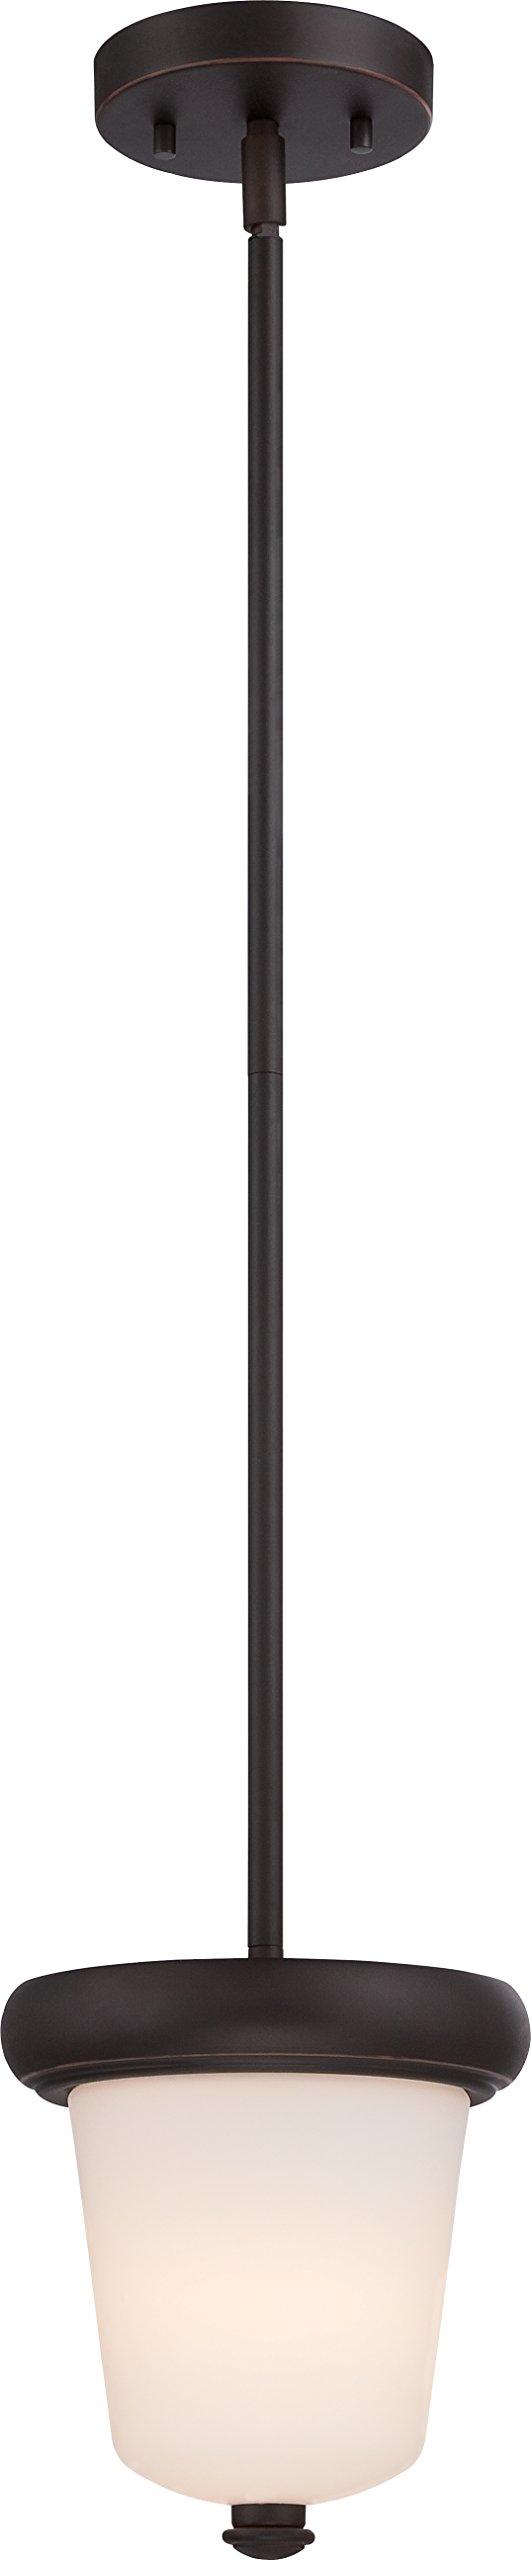 Nuvo Lighting 62/412 LED Mini Pendant